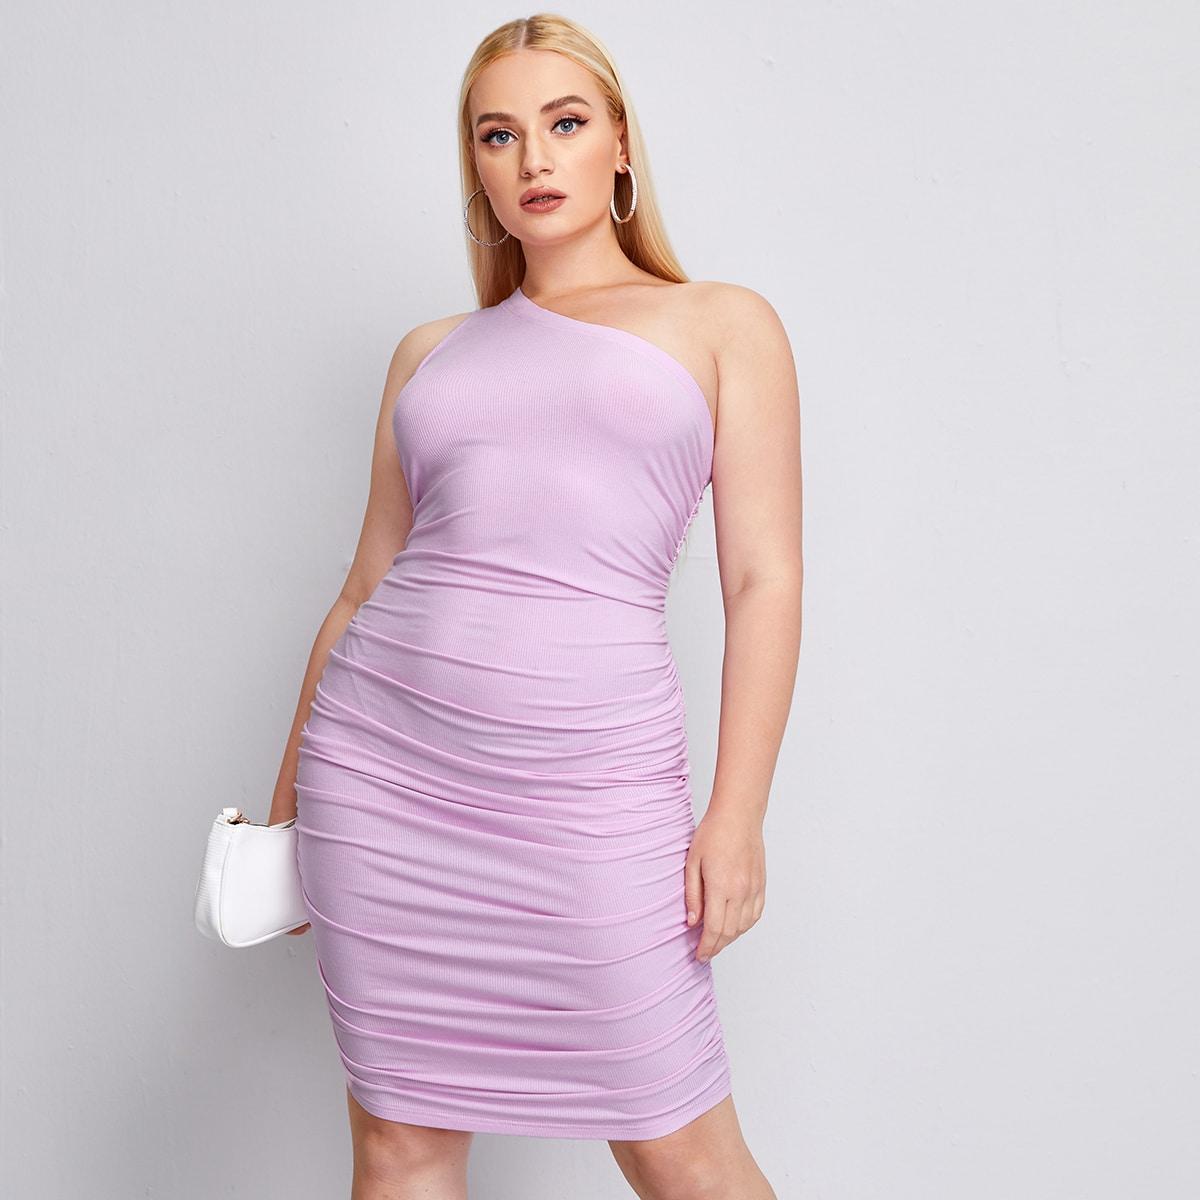 со сборками Одноцветный Элегантный Платья размер плюс